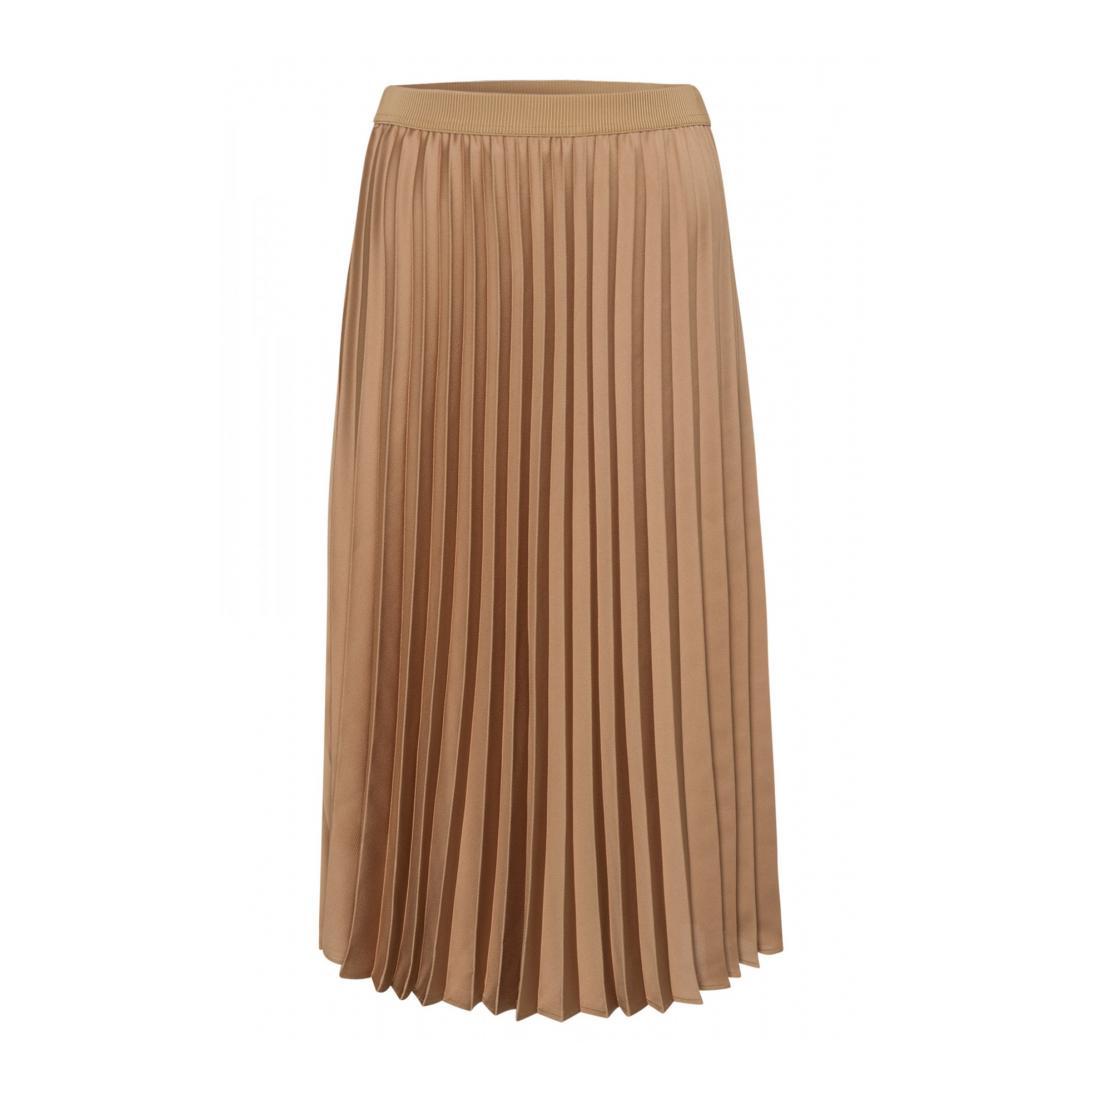 More & More Röcke normal Damen Shiny Plissee Skirt Activ